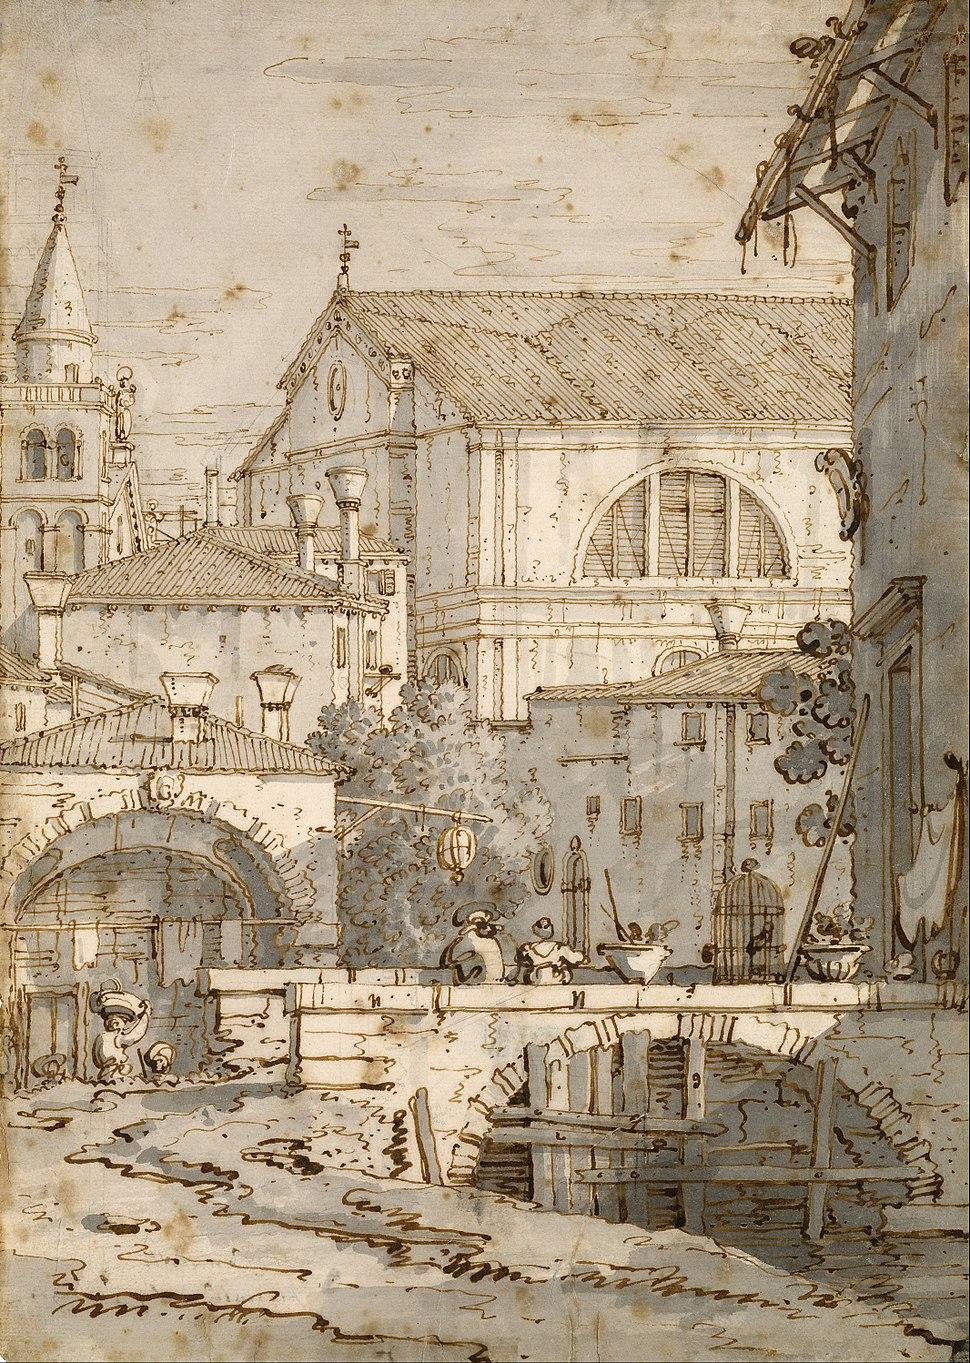 Canaletto - Architectural Capriccio - Google Art Project